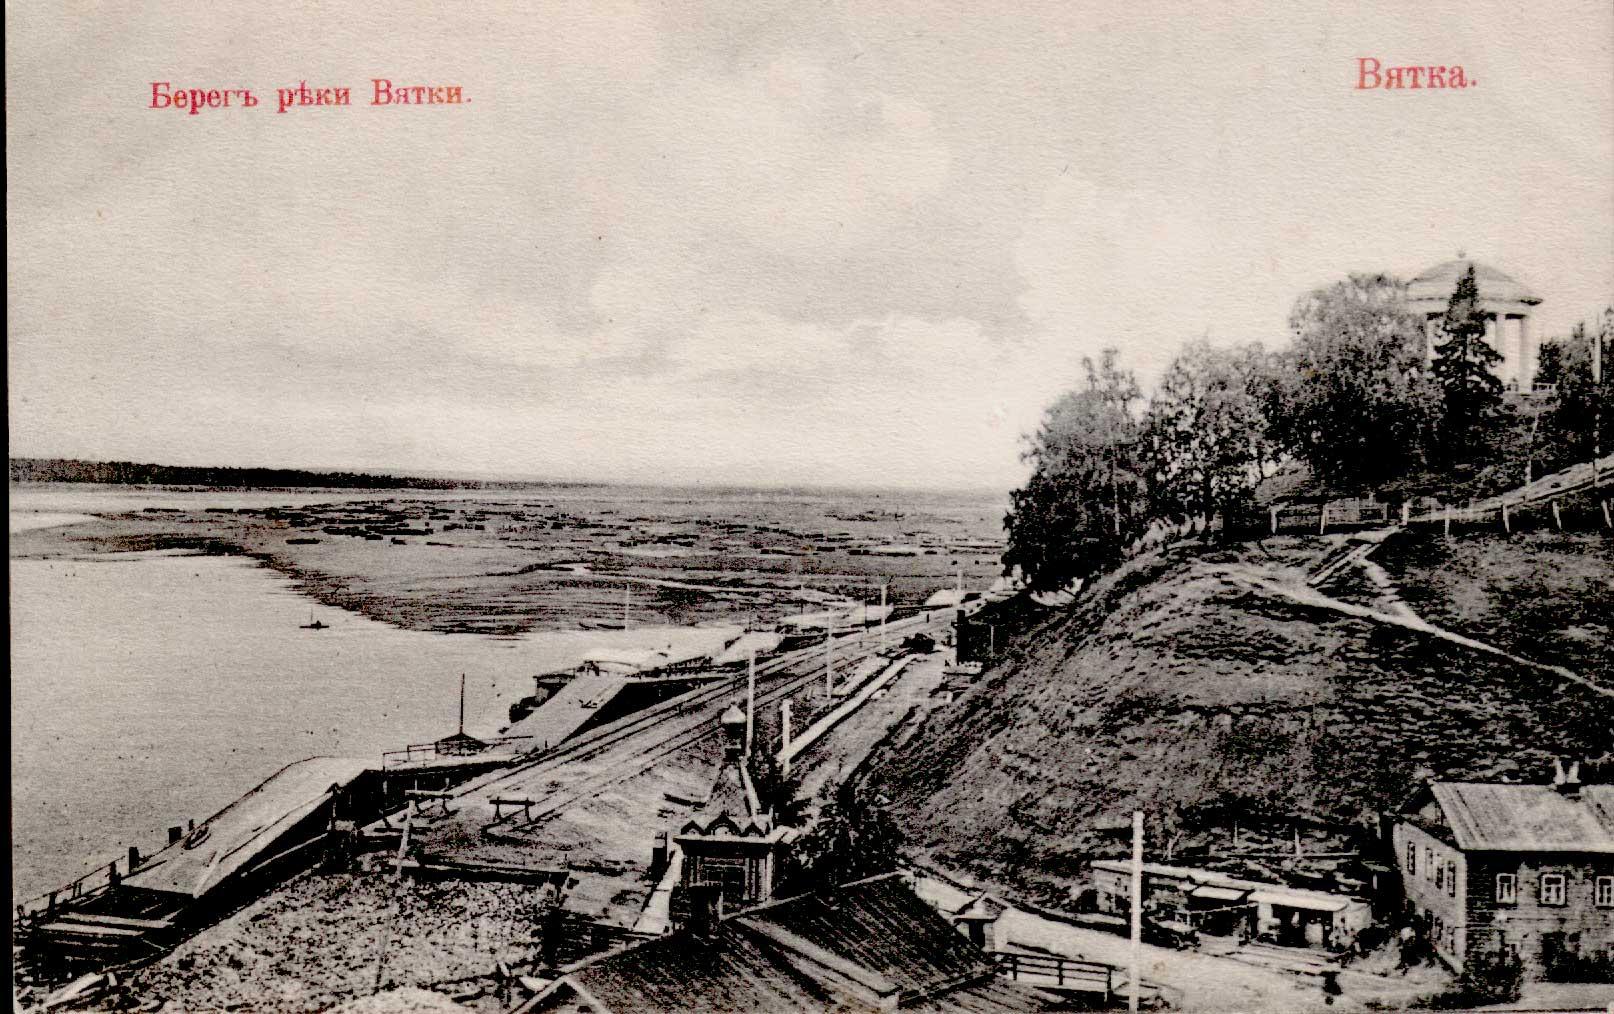 Берег реки Вятки